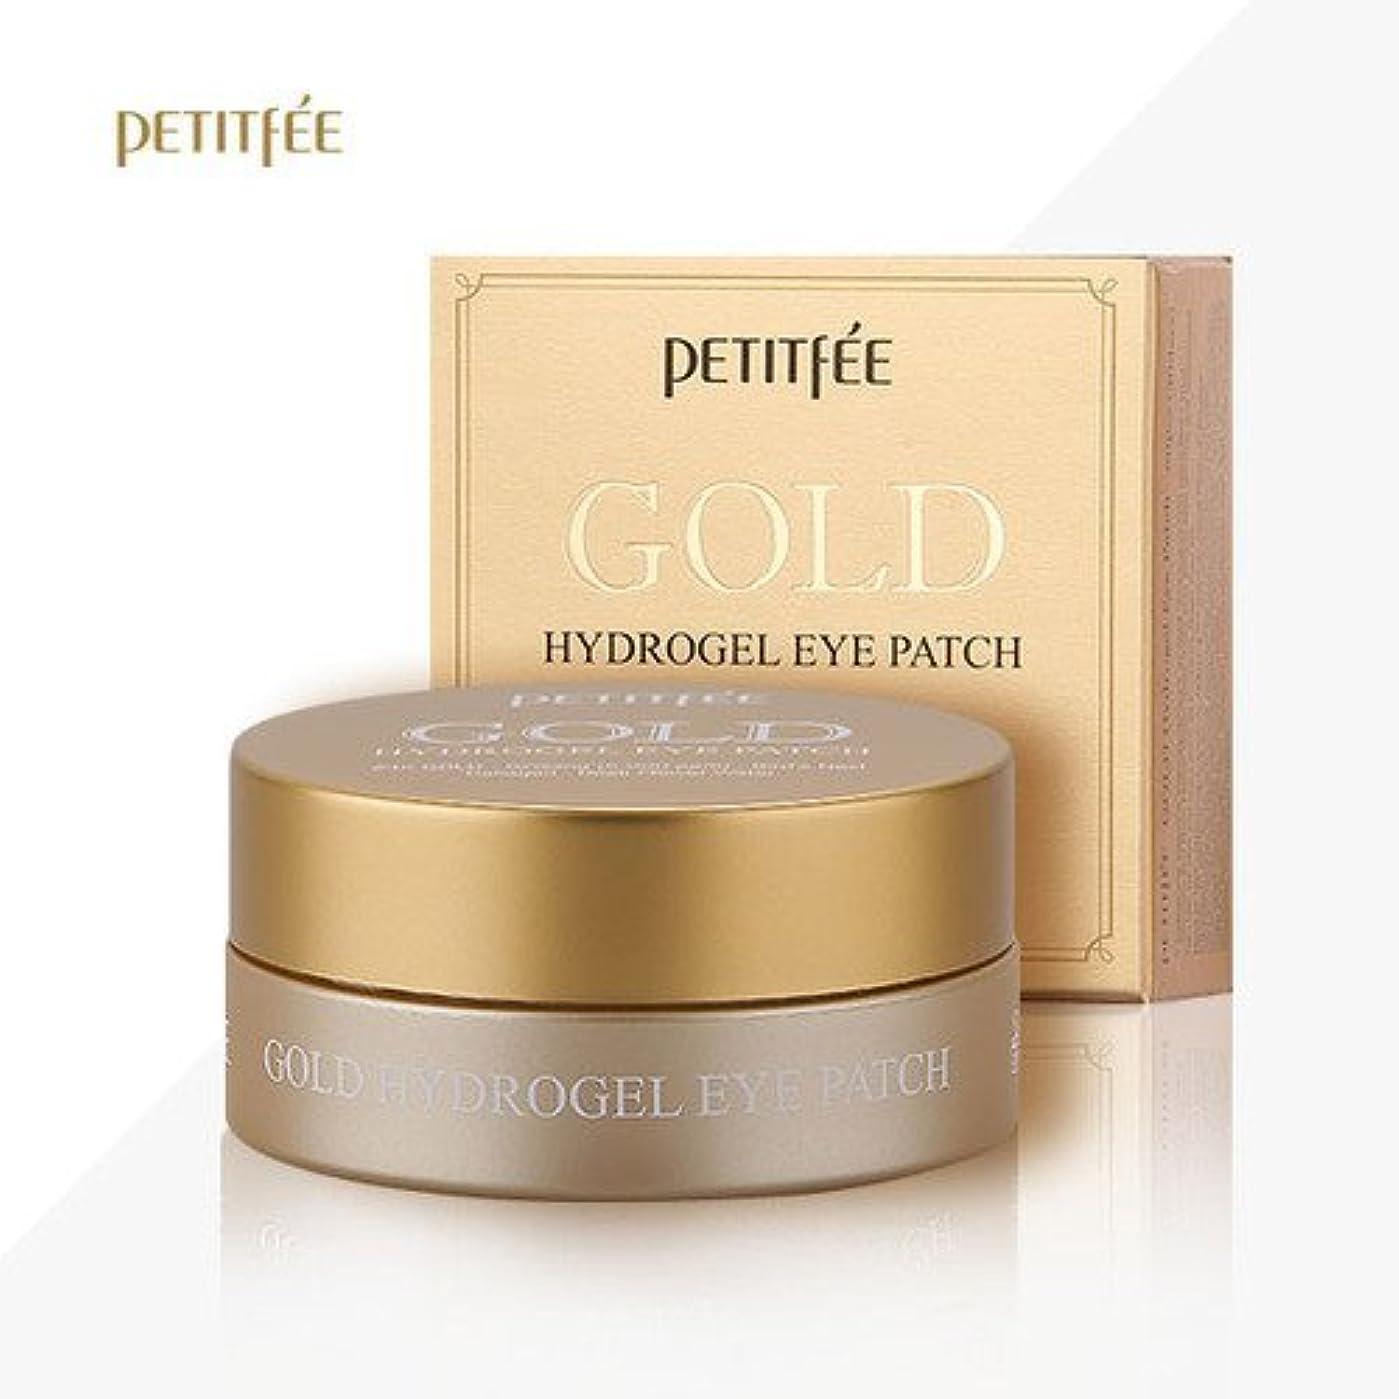 構想する原子炉セントPETITFEE(プチペ)ゴールドハイドロゲルアイパチ(60枚)/ Petitfee Gold Hydrogel Eye Patch (60Sheets) [並行輸入品]